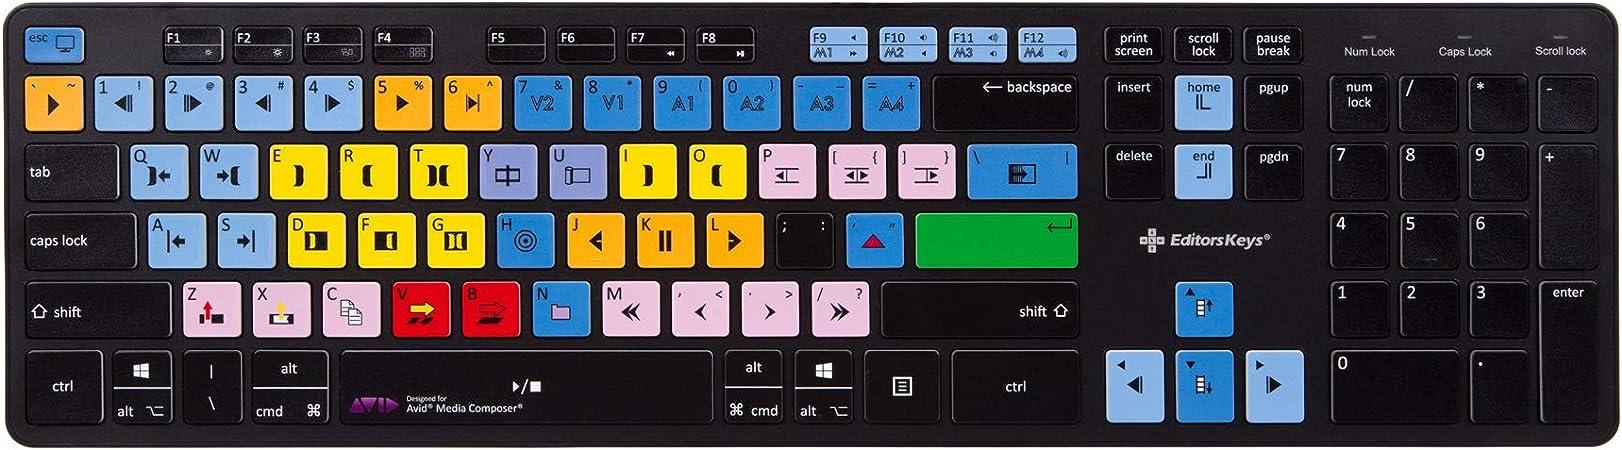 Teclado inalámbrico Avid Media Composer | Teclado de acceso ...